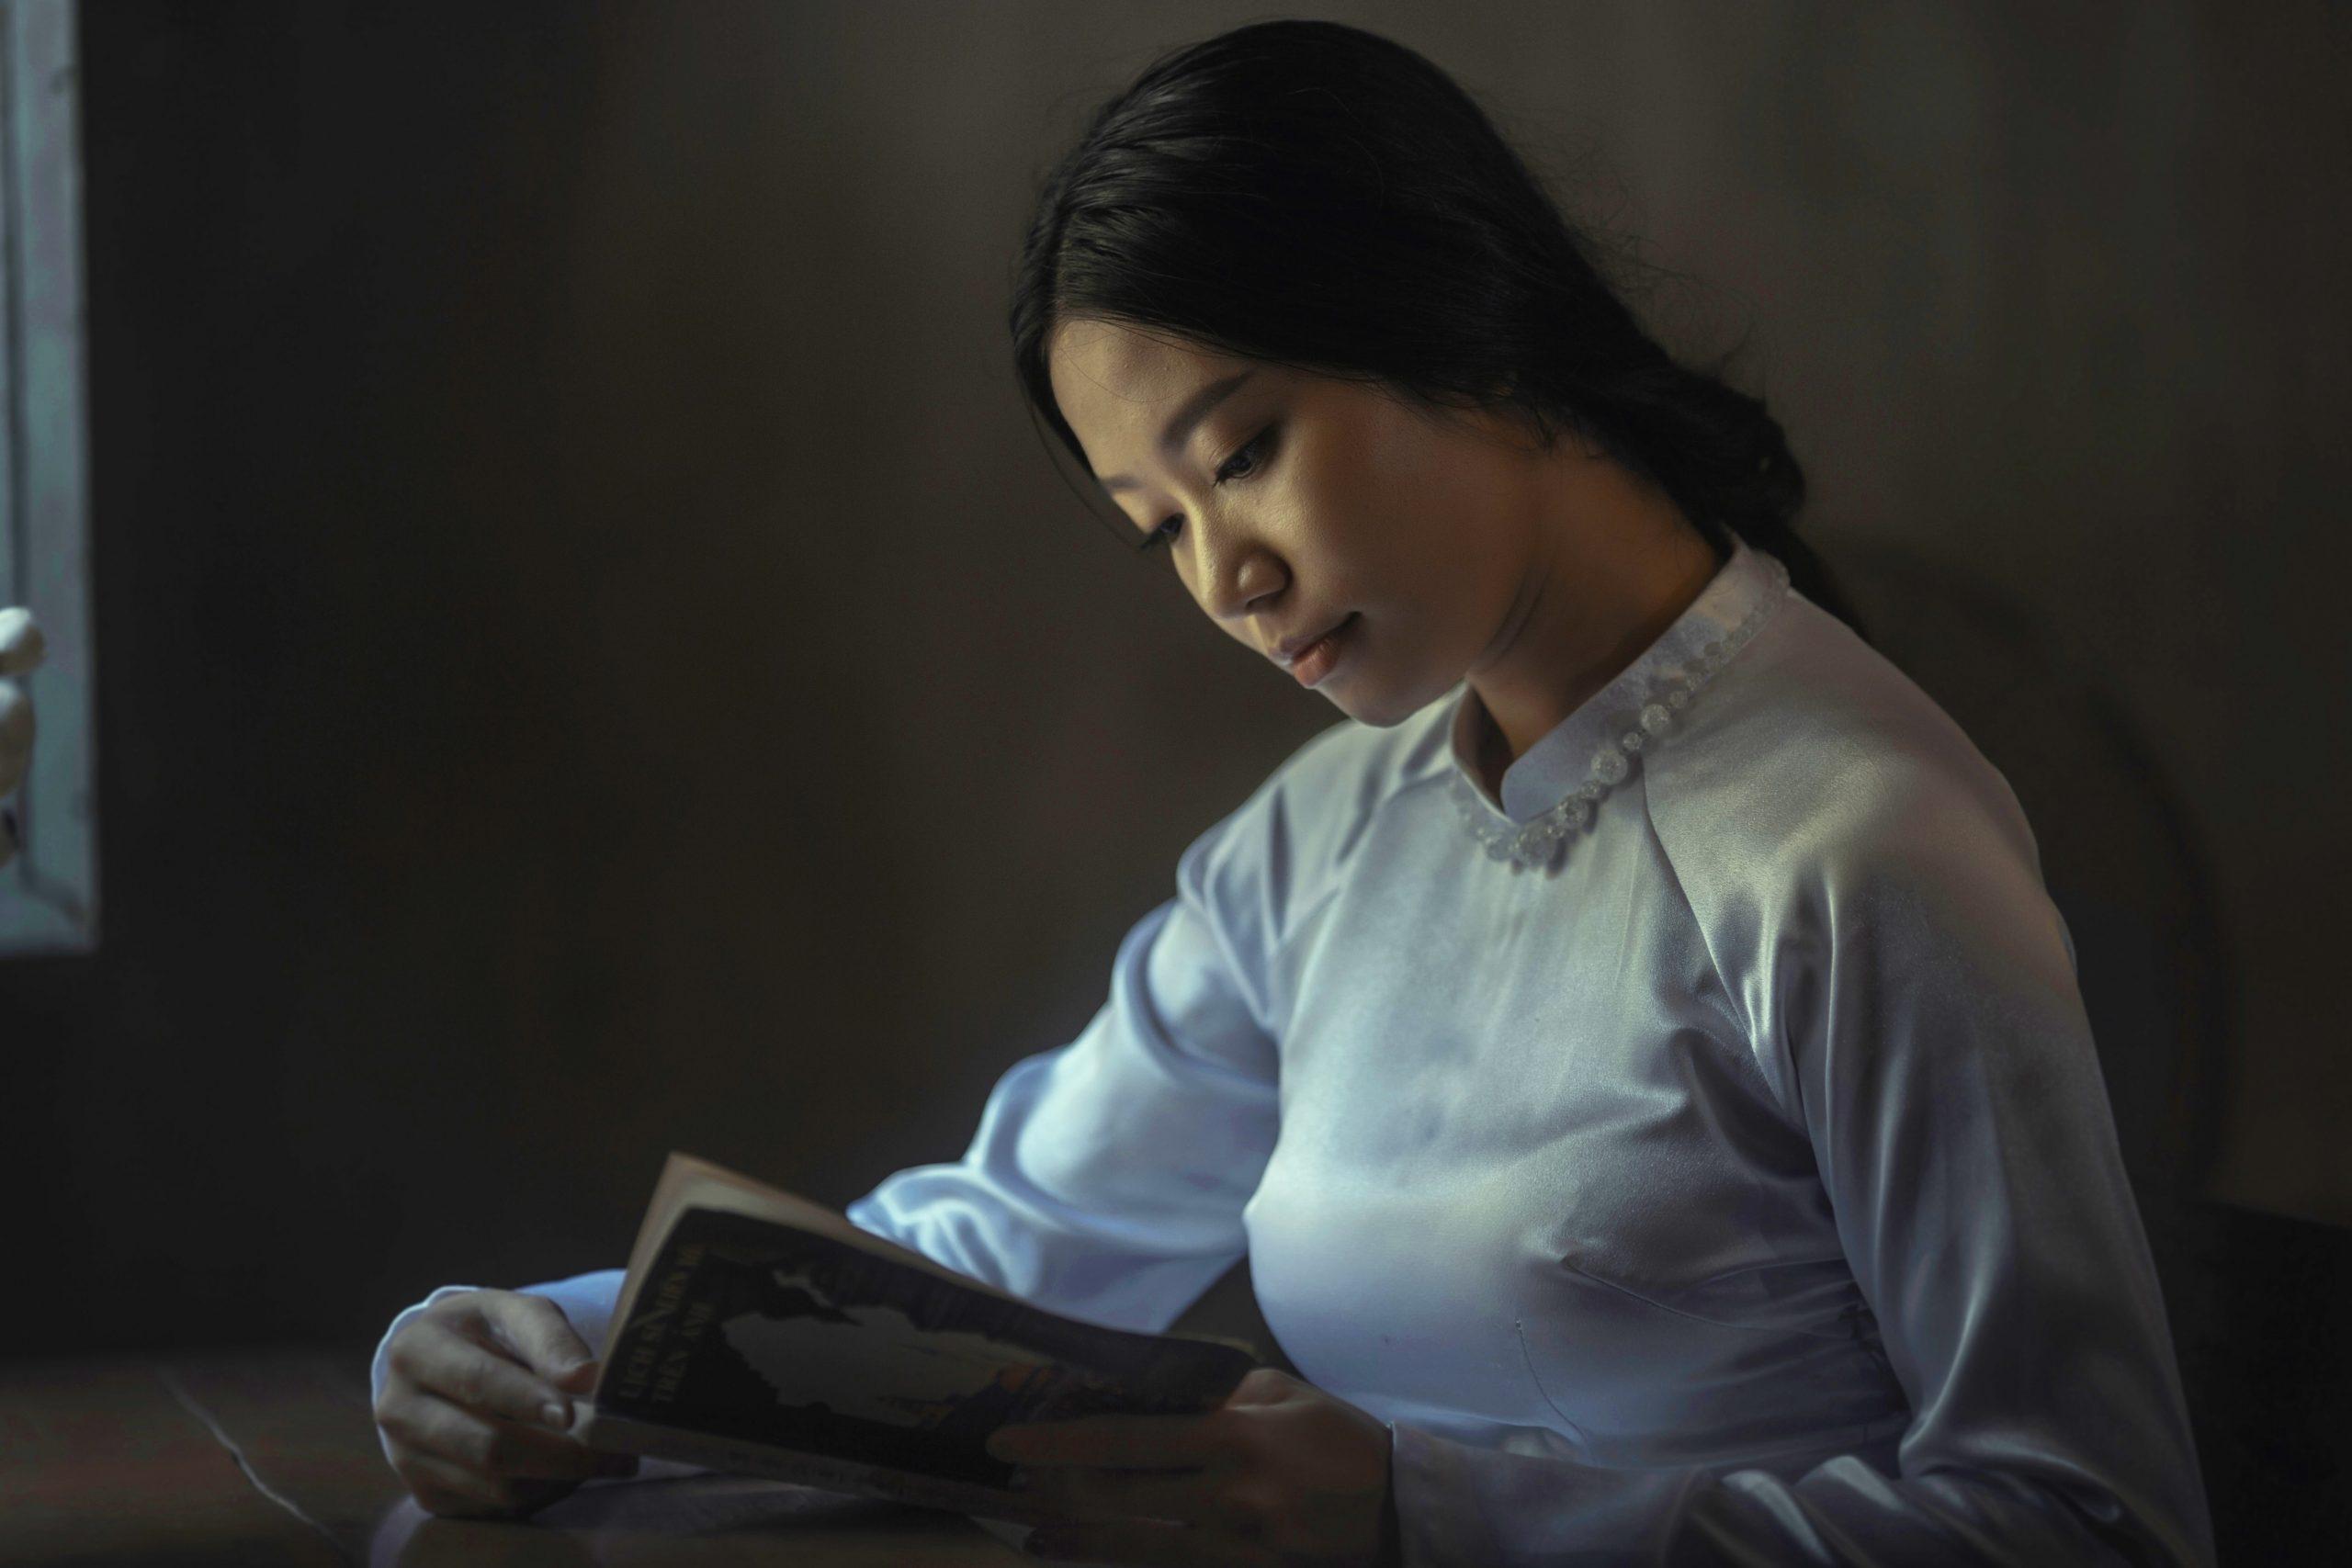 livros-cristãos-todo-mundo-deveria-ler